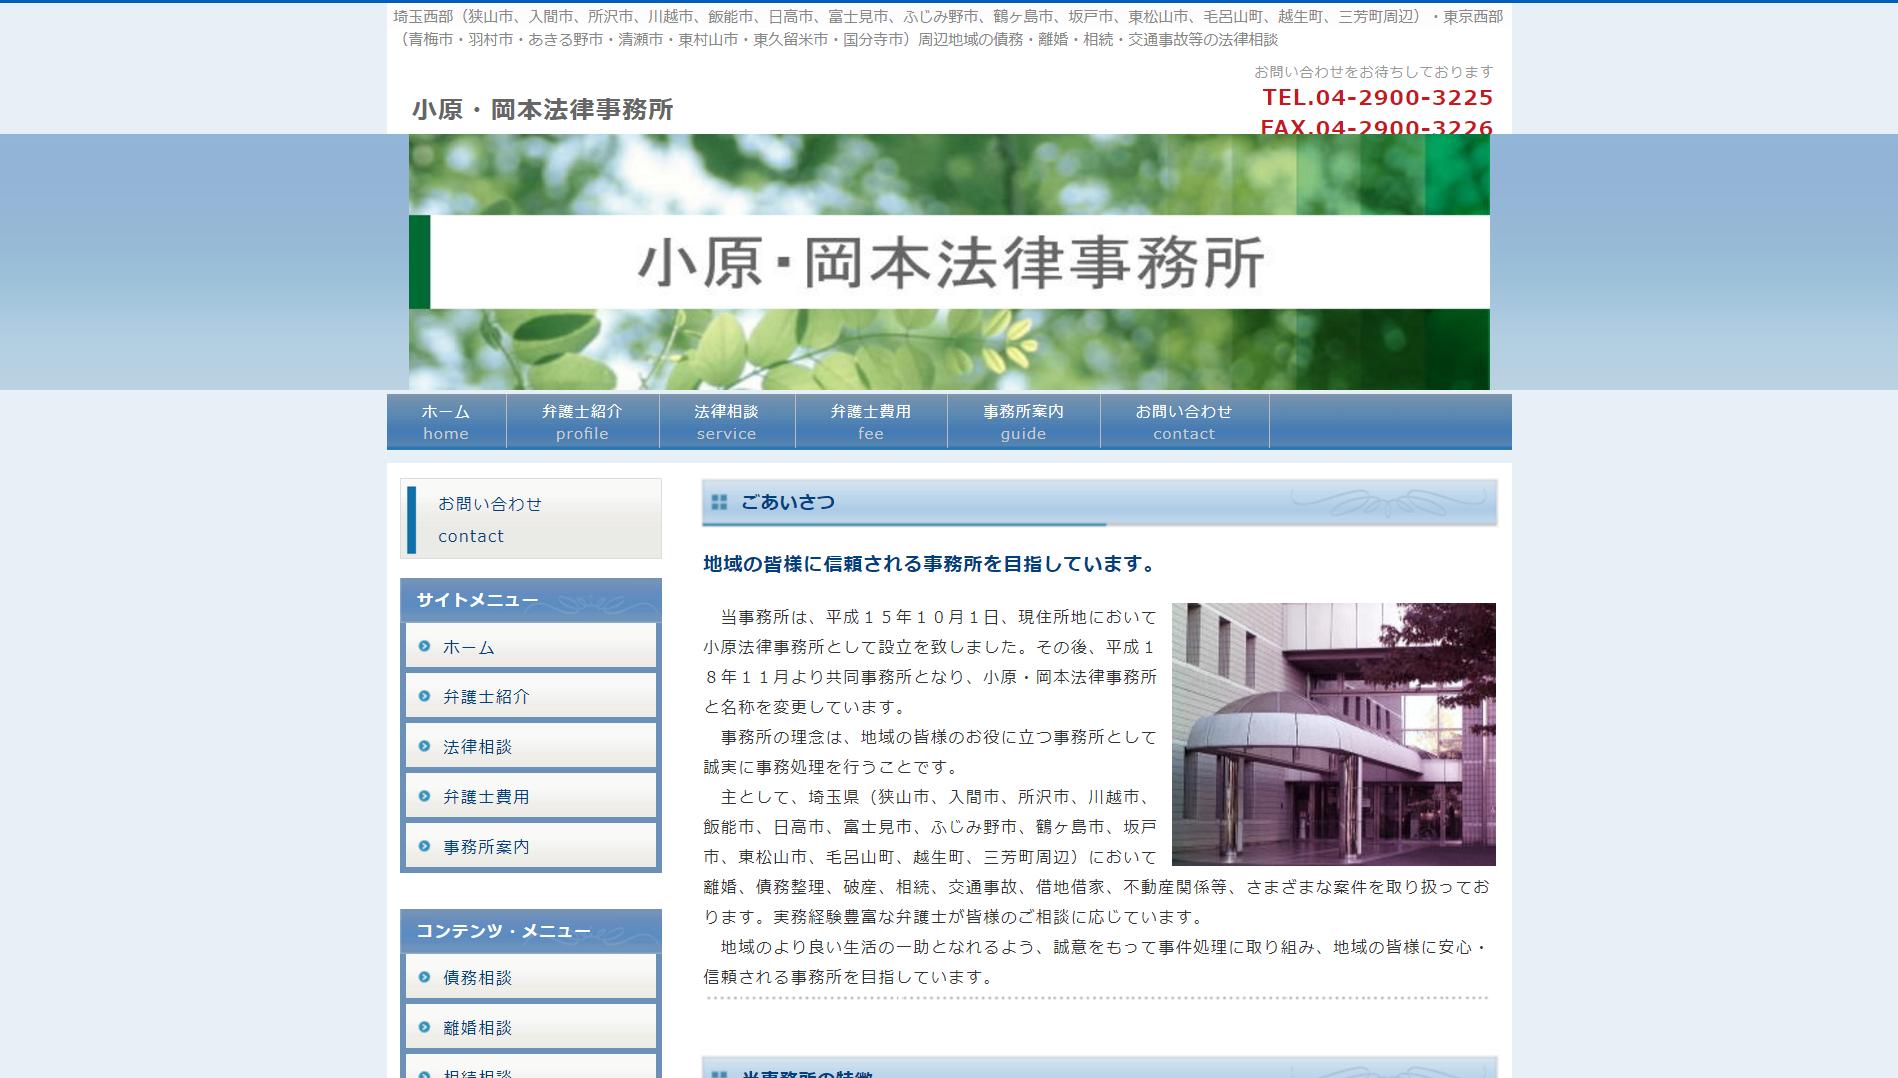 小原・岡本法律事務所(埼玉県狭山市入間川)